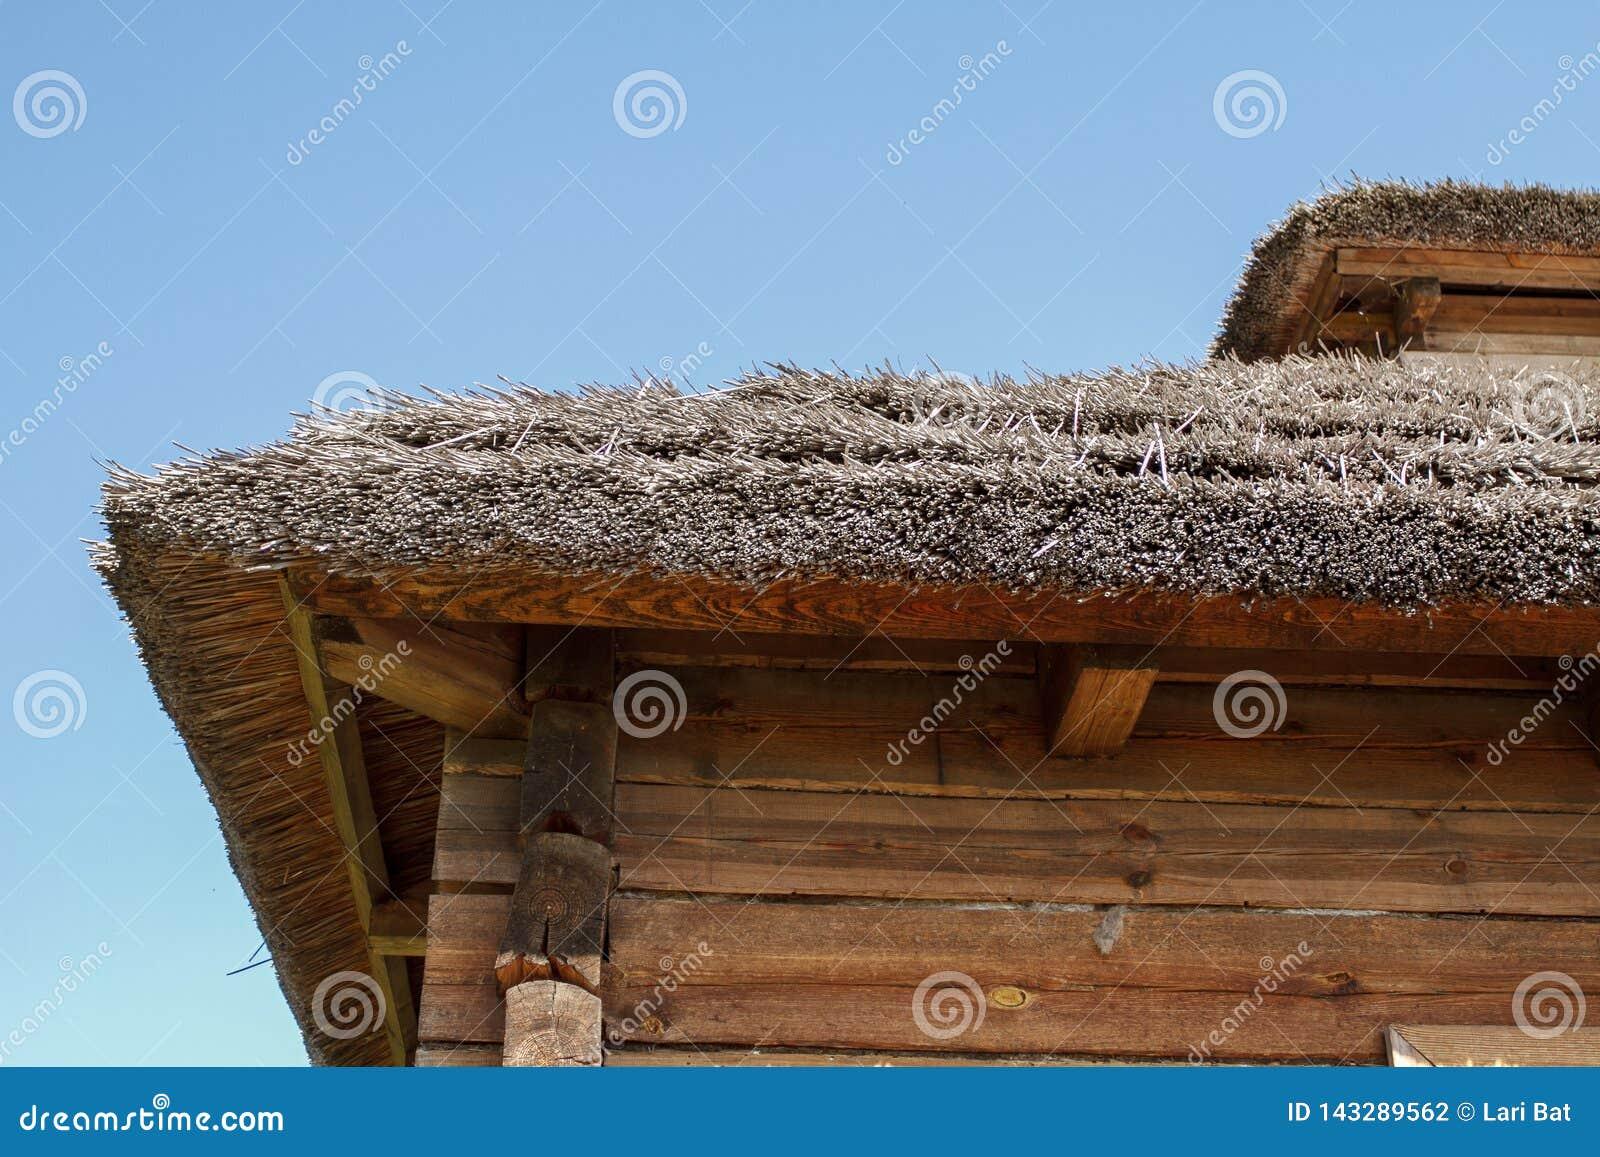 Pokrywający strzechą dach tradycyjny Belarusian wioski dom